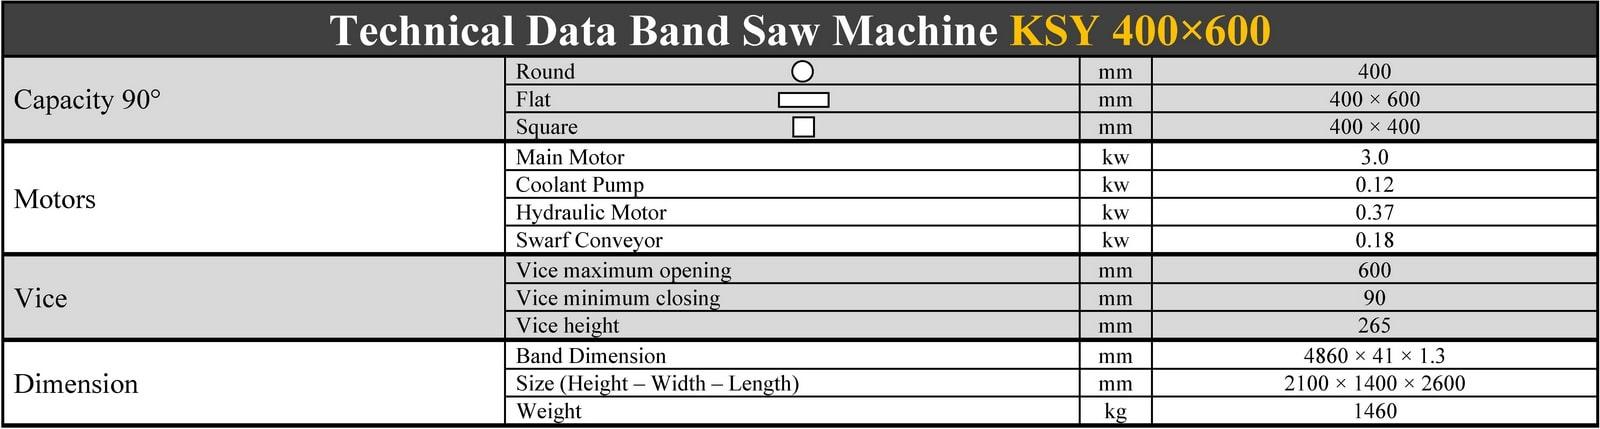 مشخصات فنی دستگاه اره نواری دو ستون نیمه اتوماتیک کسمک - KSY 400*600